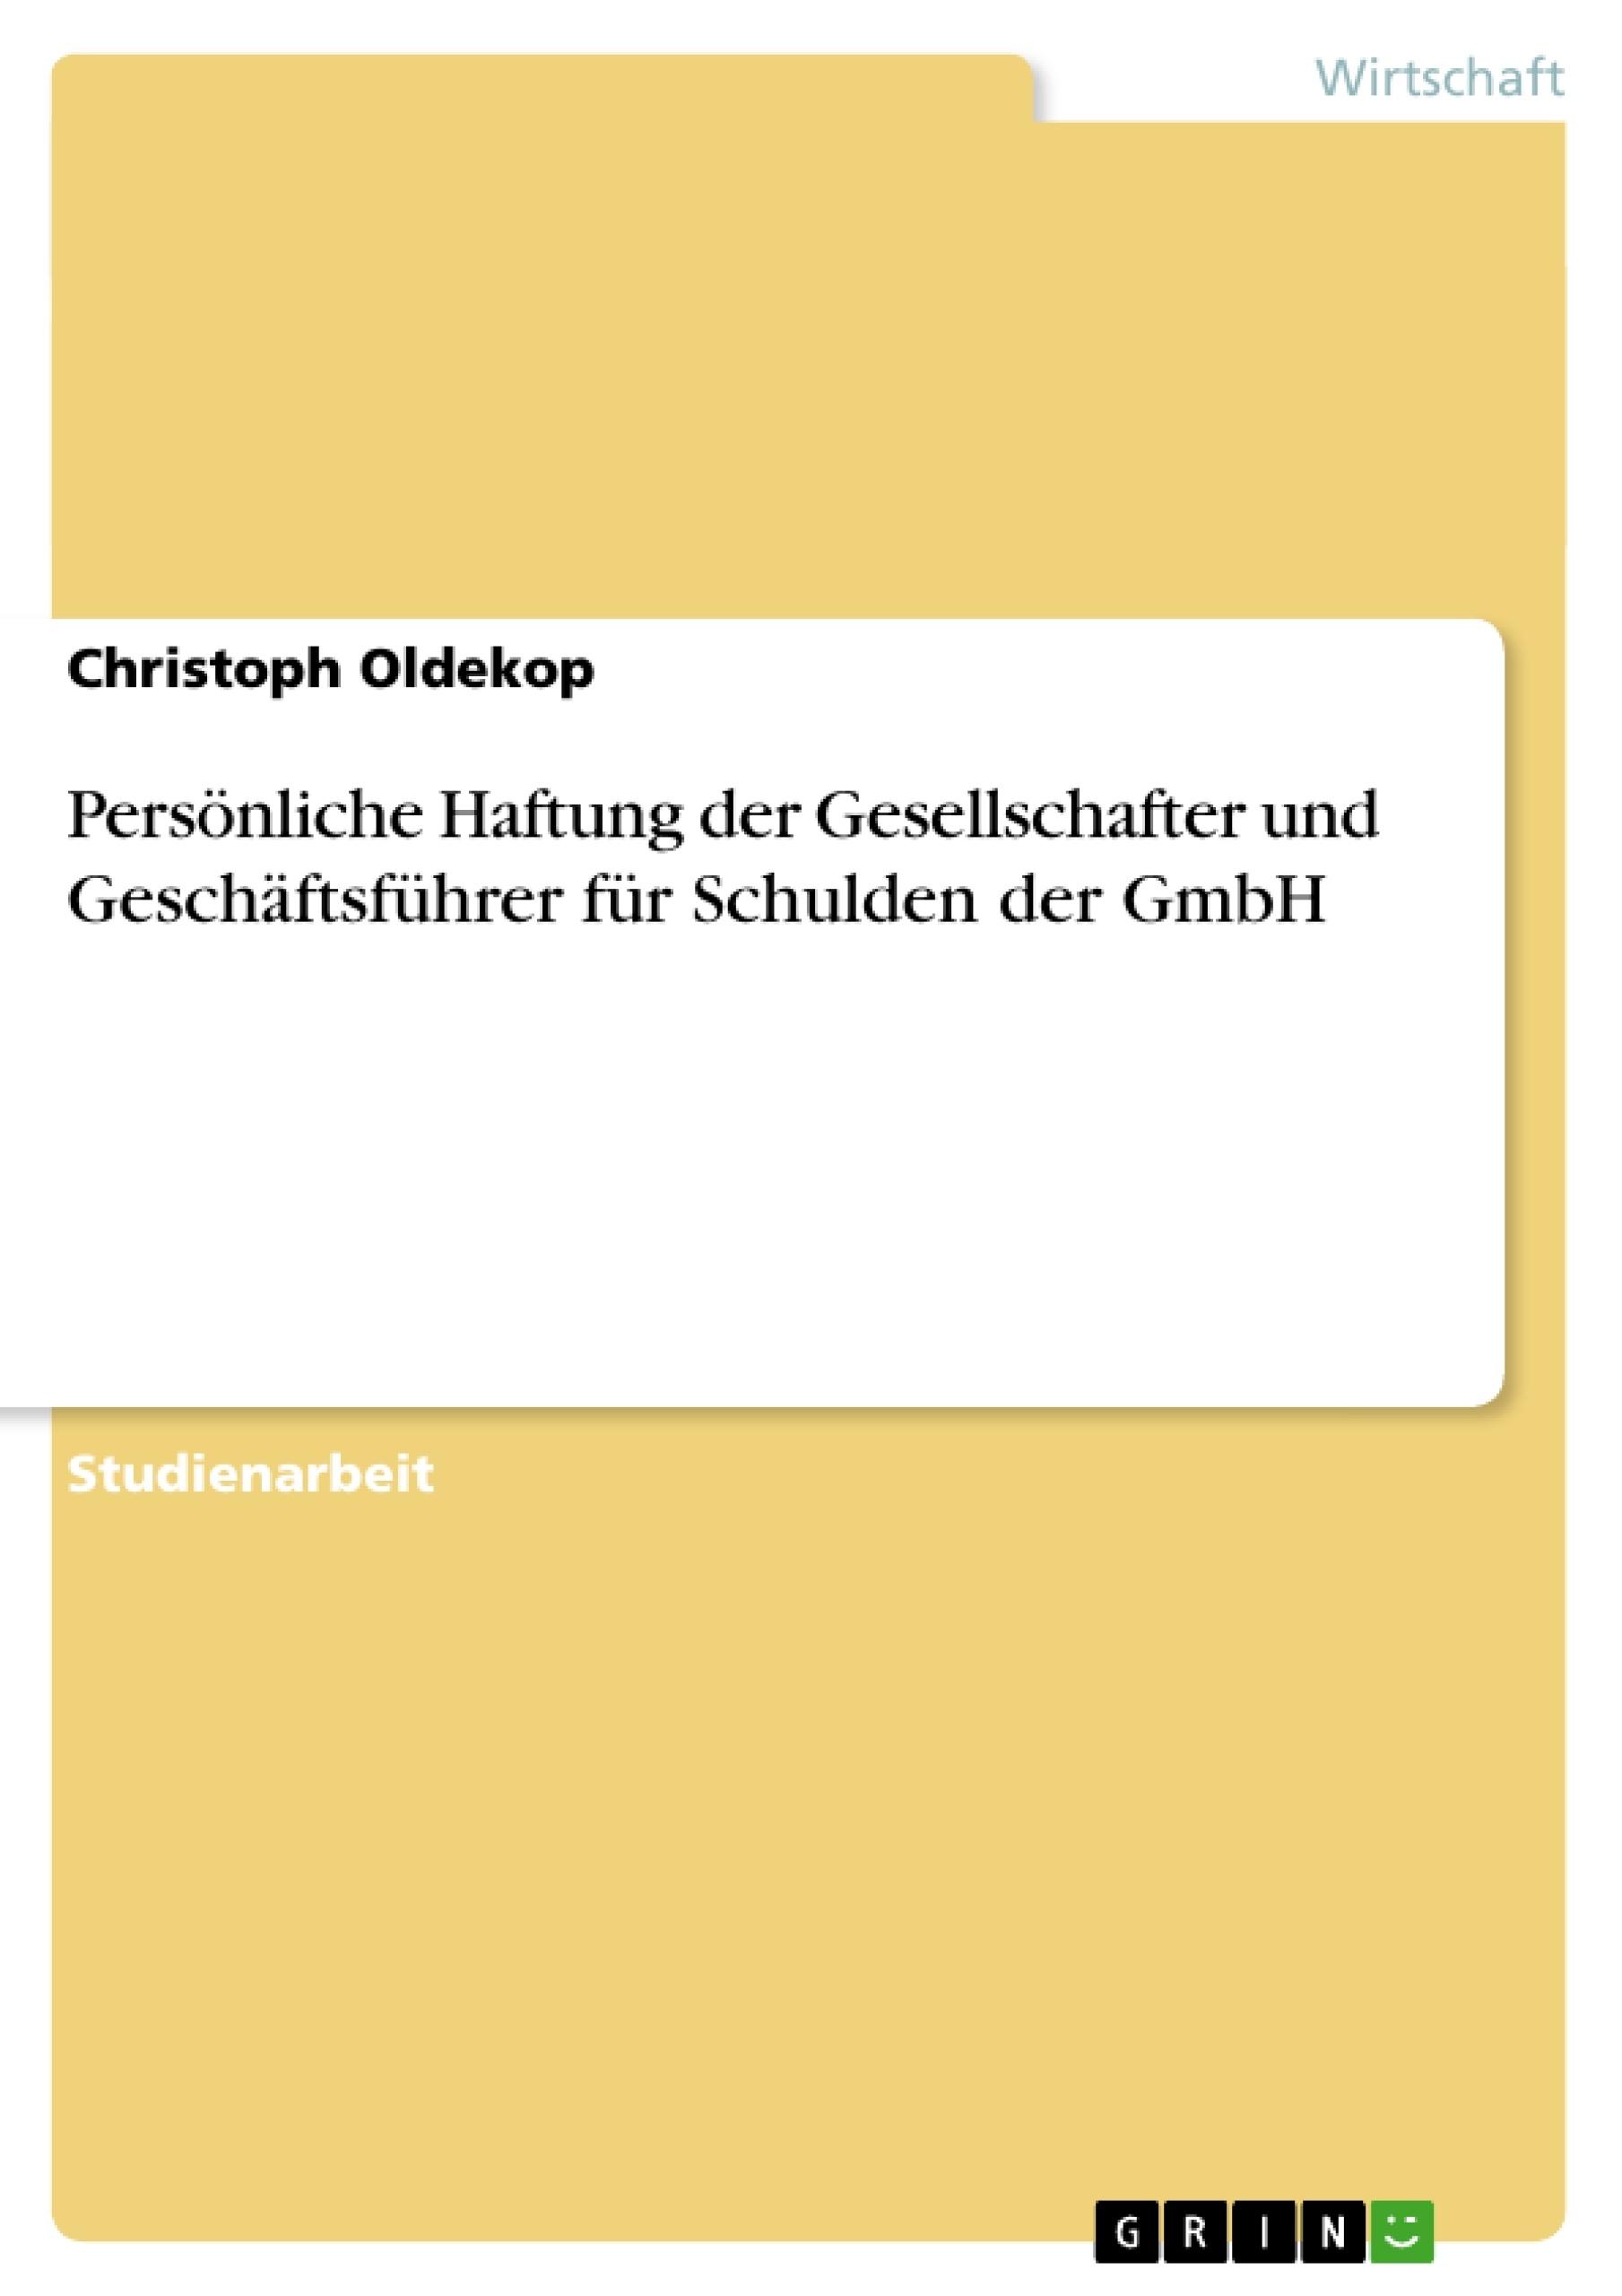 Titel: Persönliche Haftung der Gesellschafter und Geschäftsführer für Schulden der GmbH